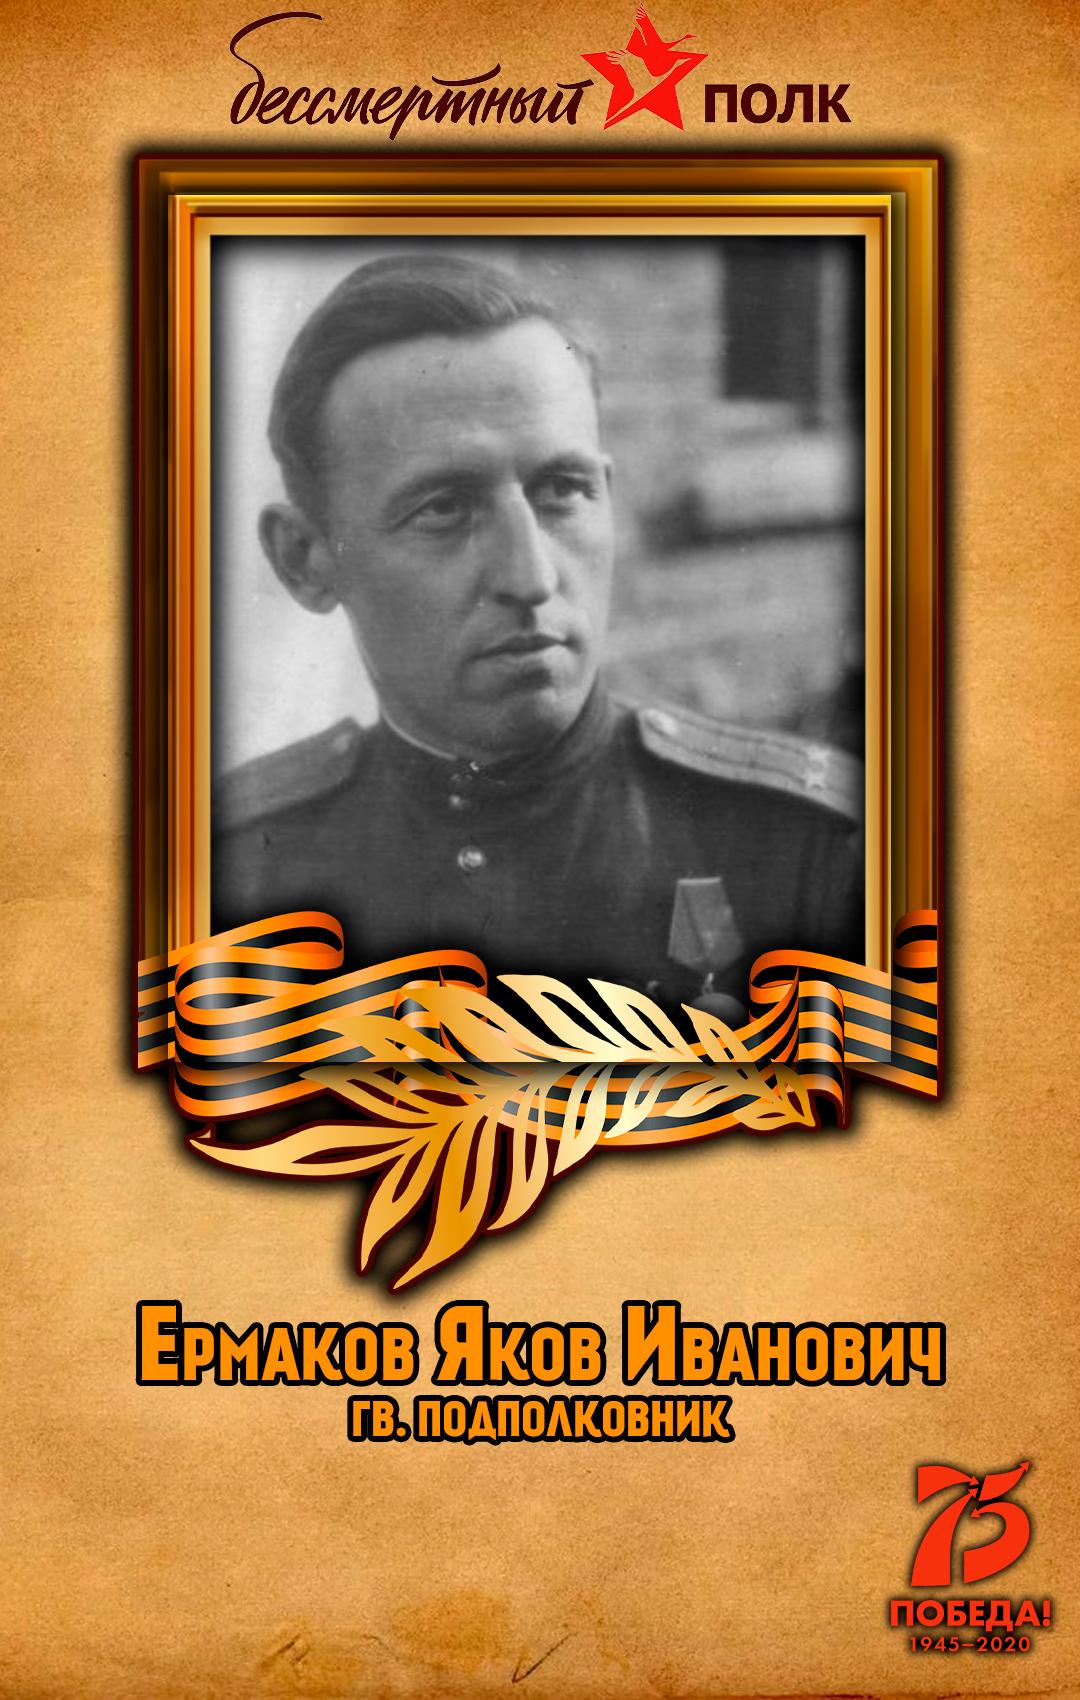 Ермаков-Яков-Иванович